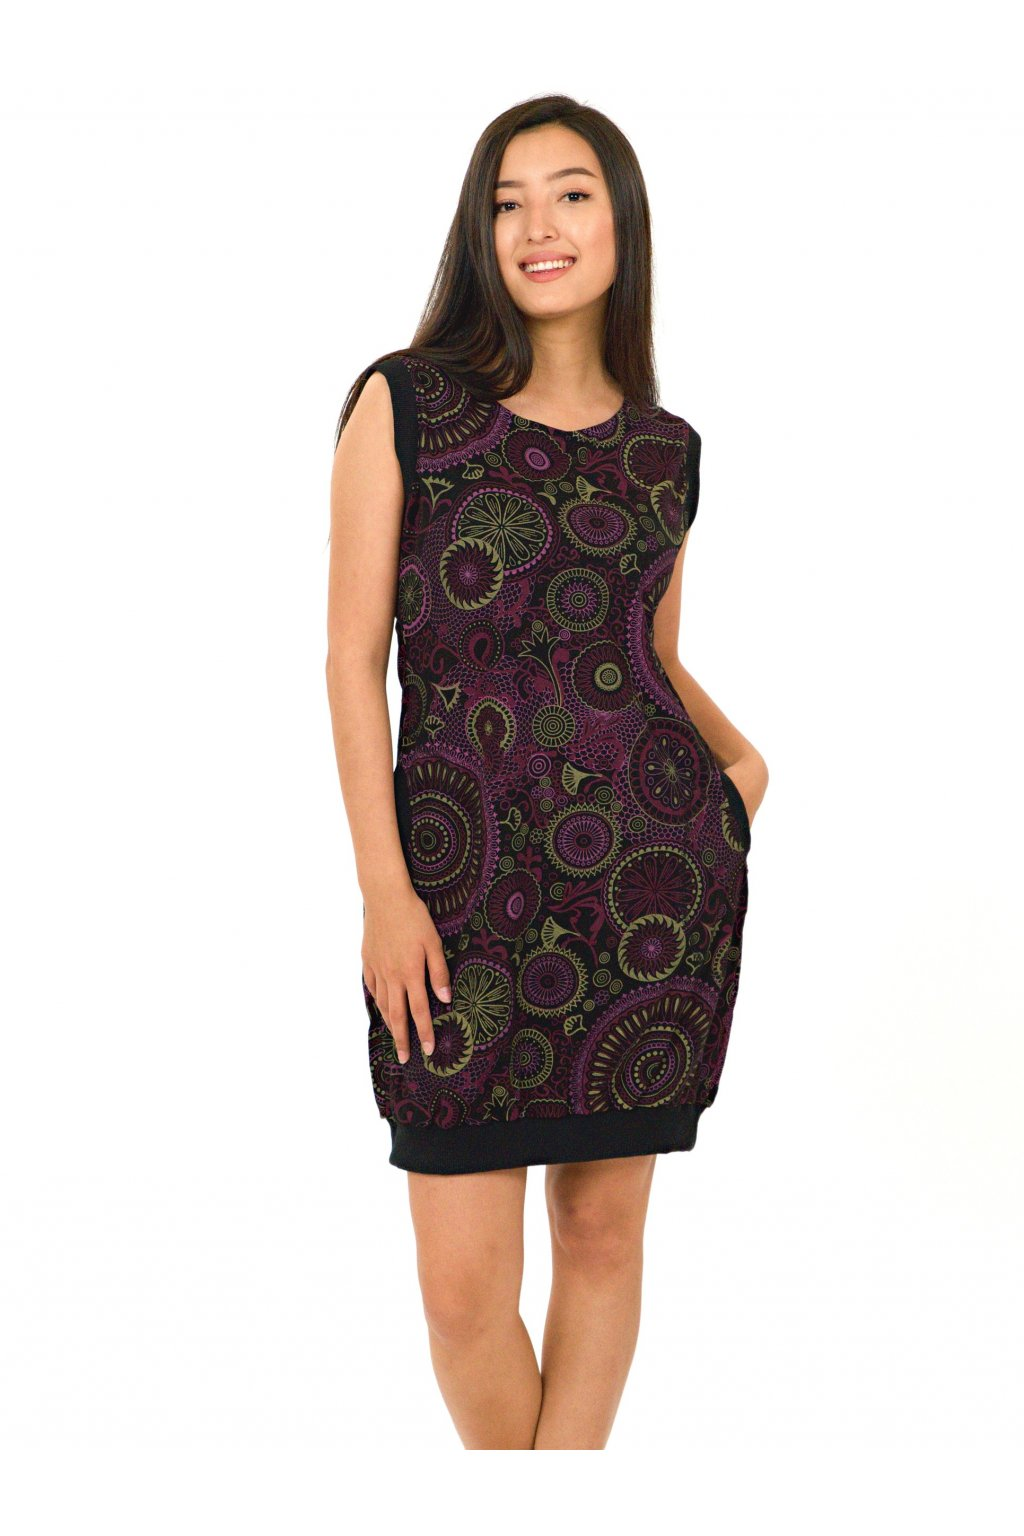 Šaty Flowee - černá s růžovou